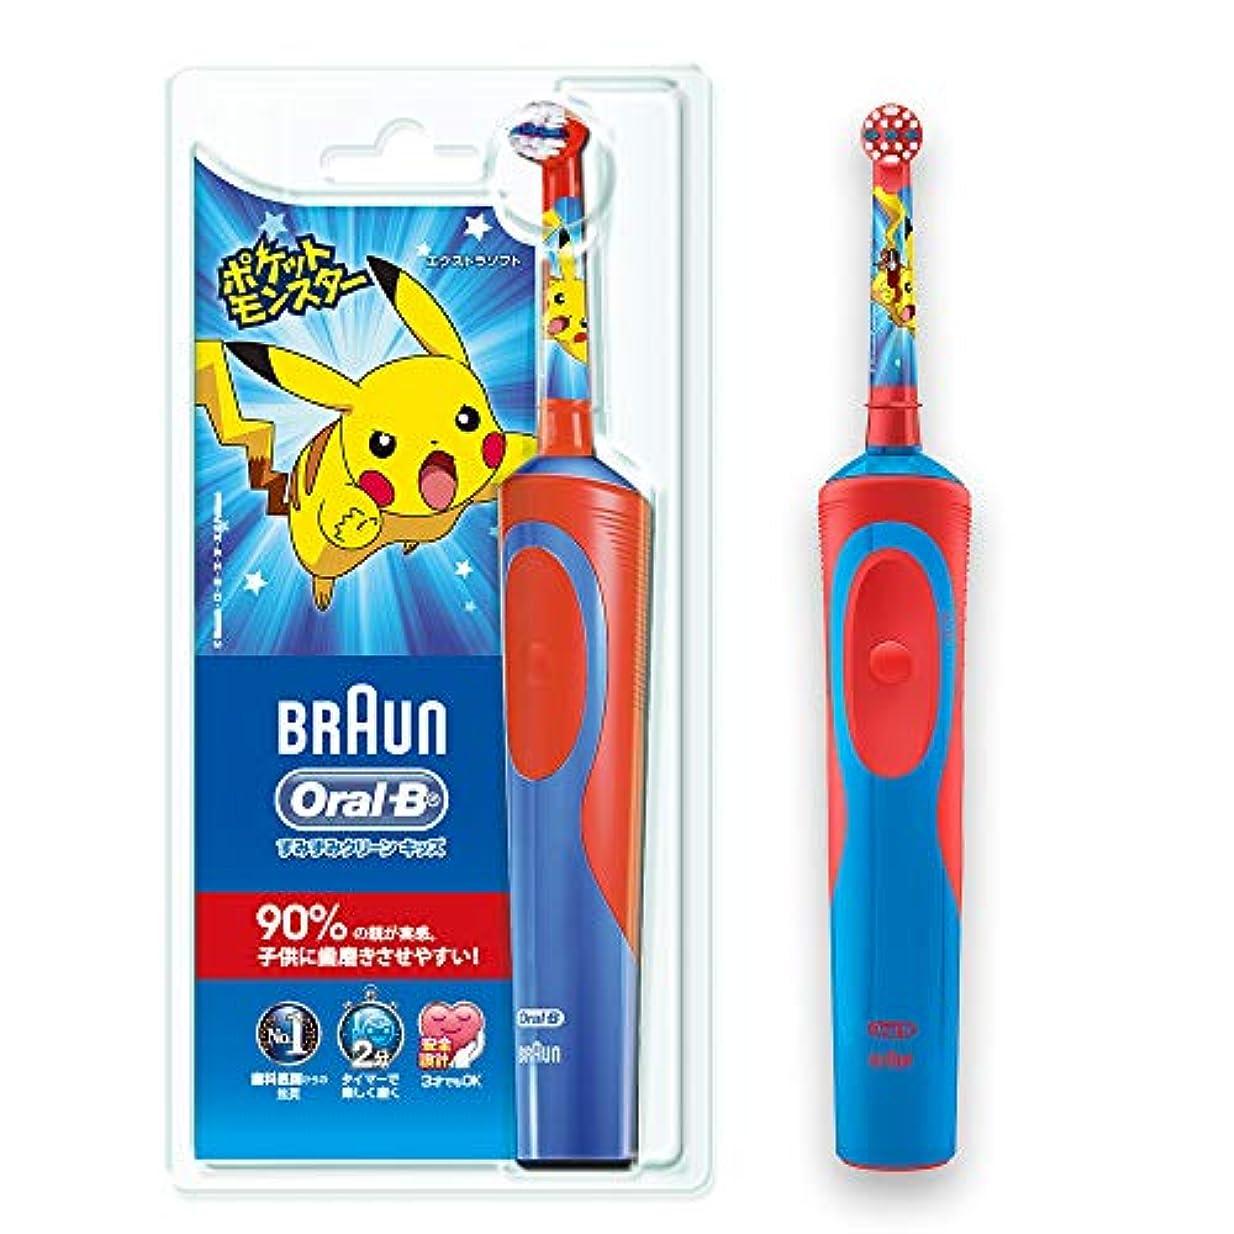 有害なしない鉛ブラウン オーラルB 電動歯ブラシ 子供用 D12513KPKMB すみずみクリーンキッズ 本体 レッド ポケモン 歯ブラシ